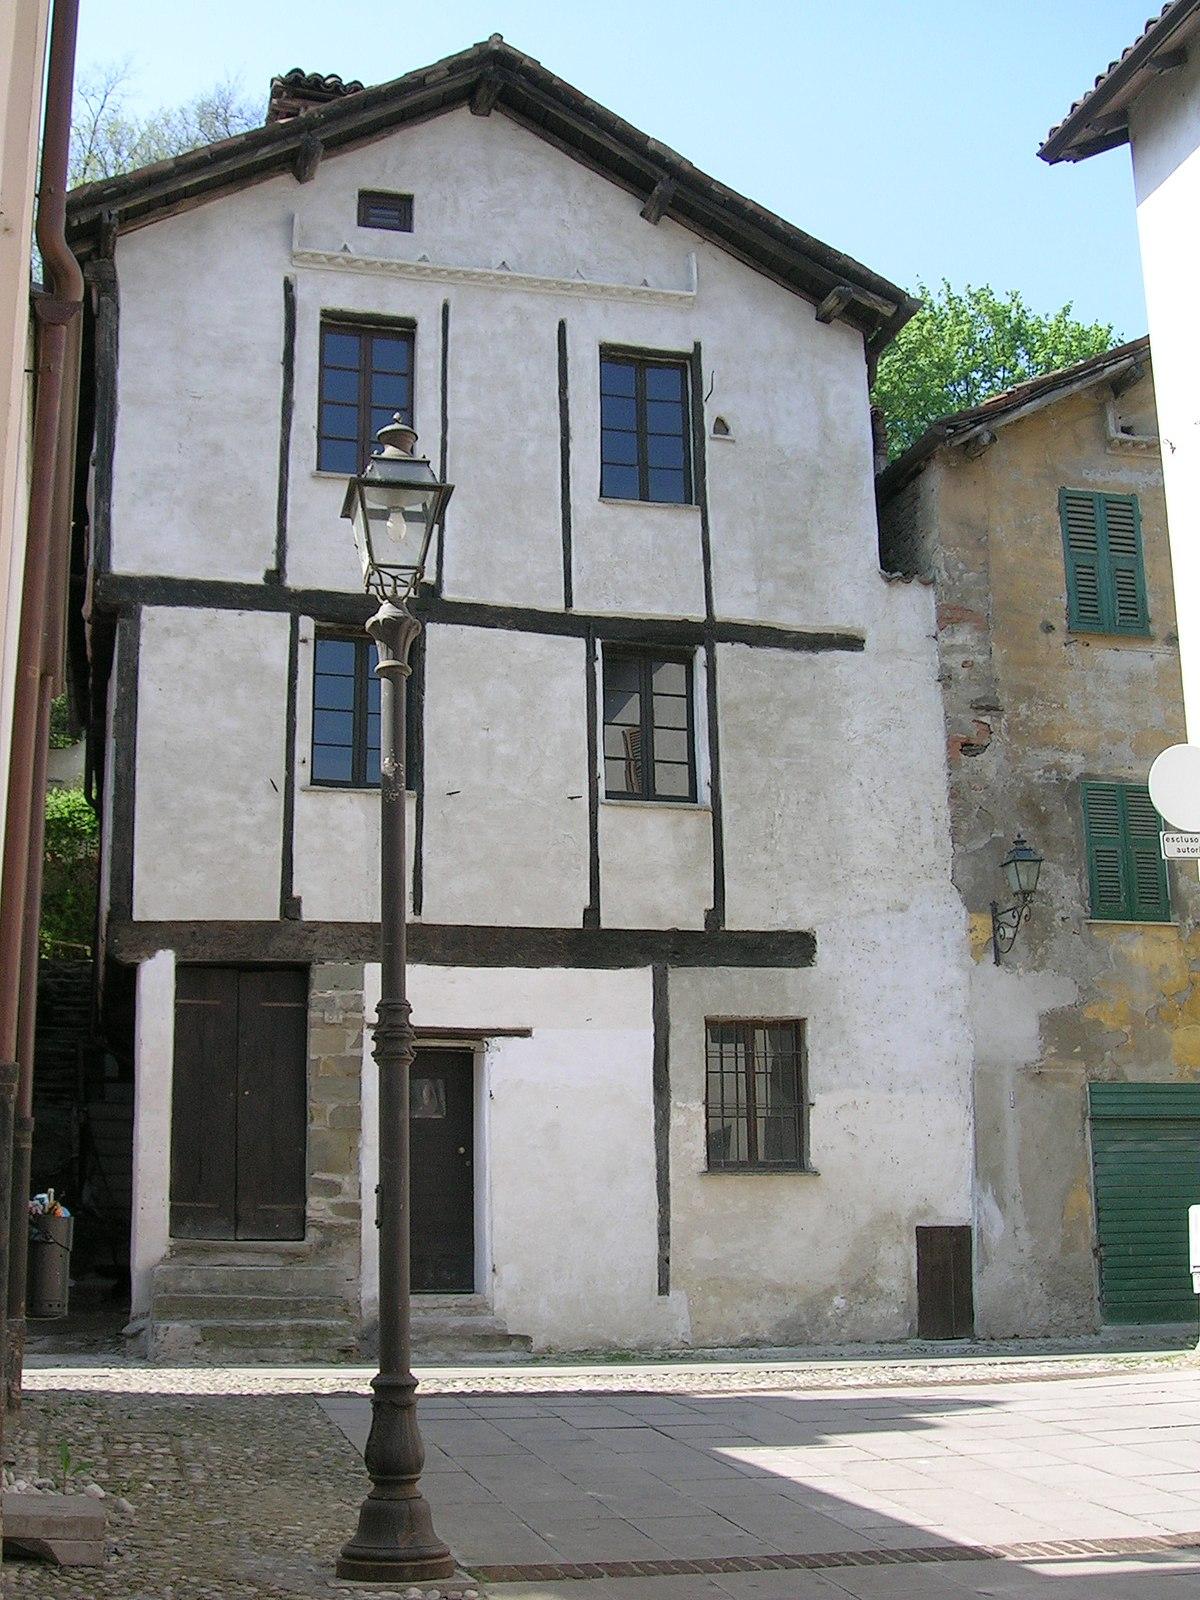 Casa gotica wikipedia for Casa di architettura gotica